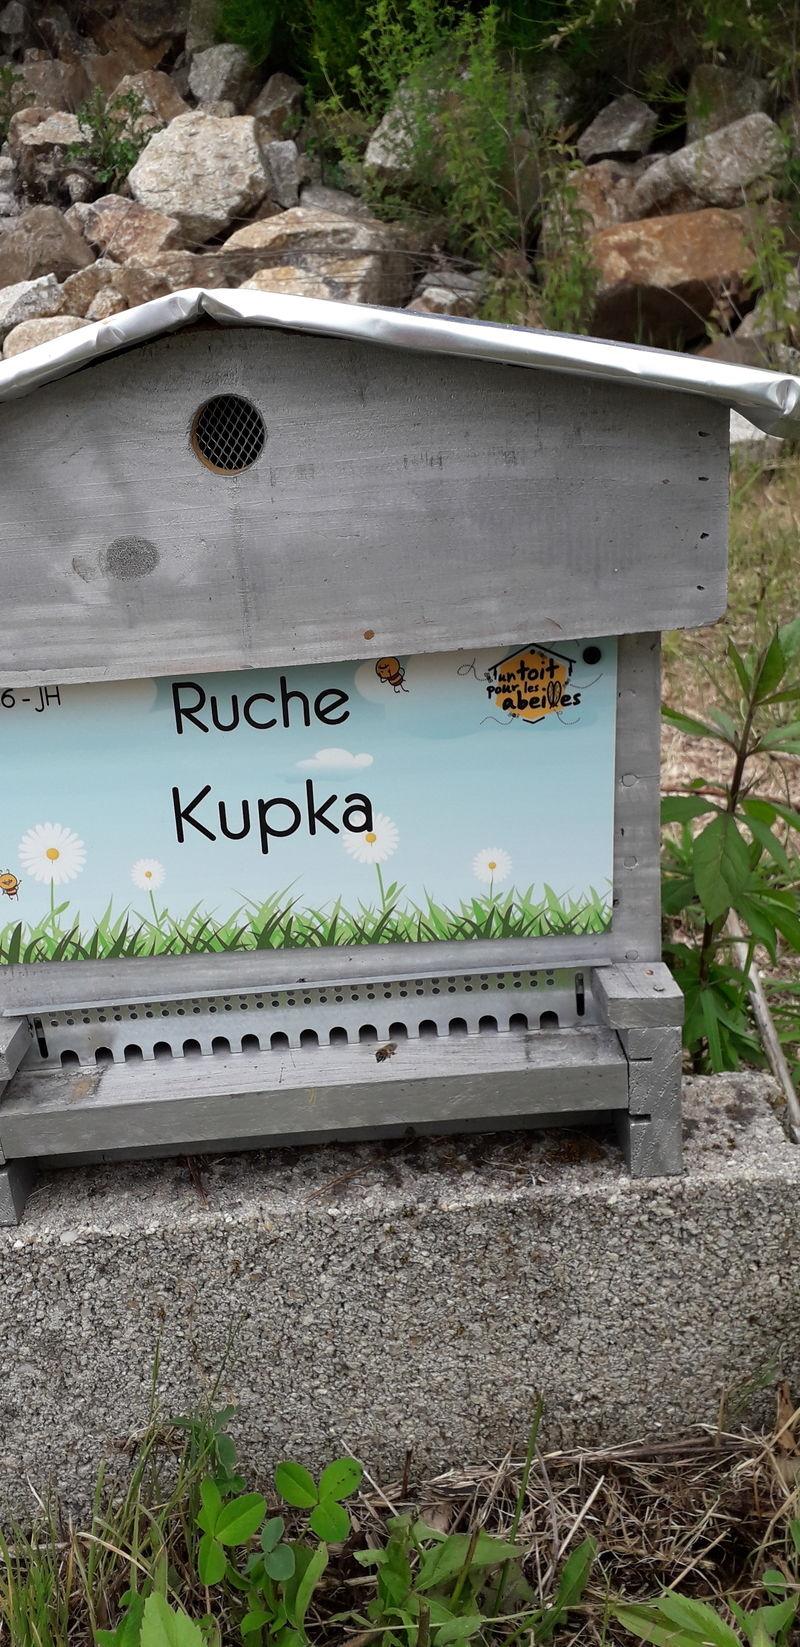 La ruche Kupka